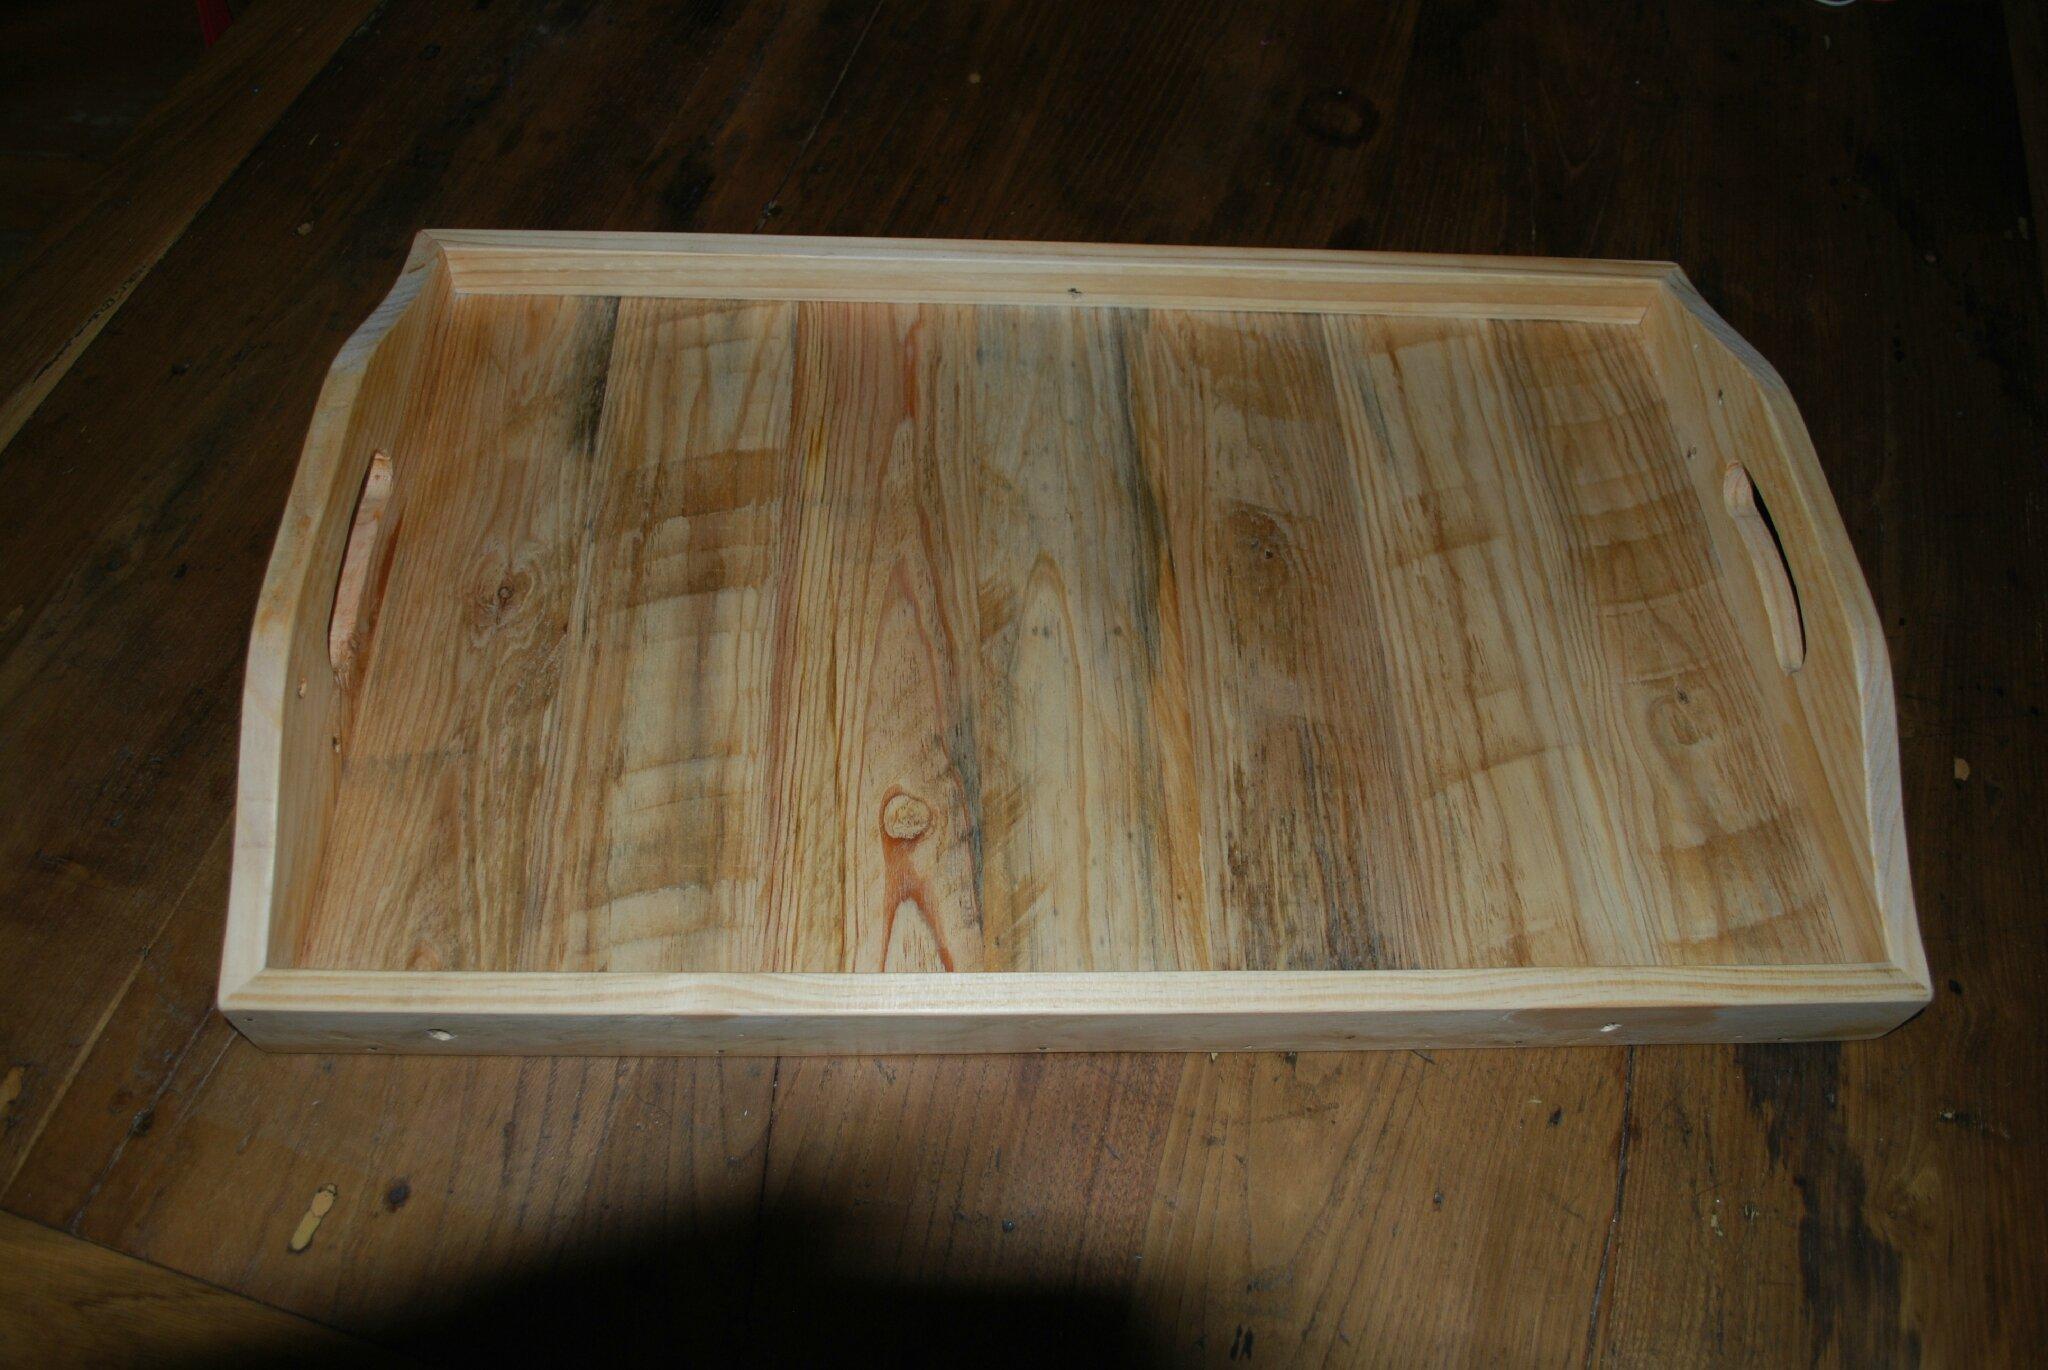 Plateau de service en palettes recycl es au bout du bois for Plateau de cuisine en bois